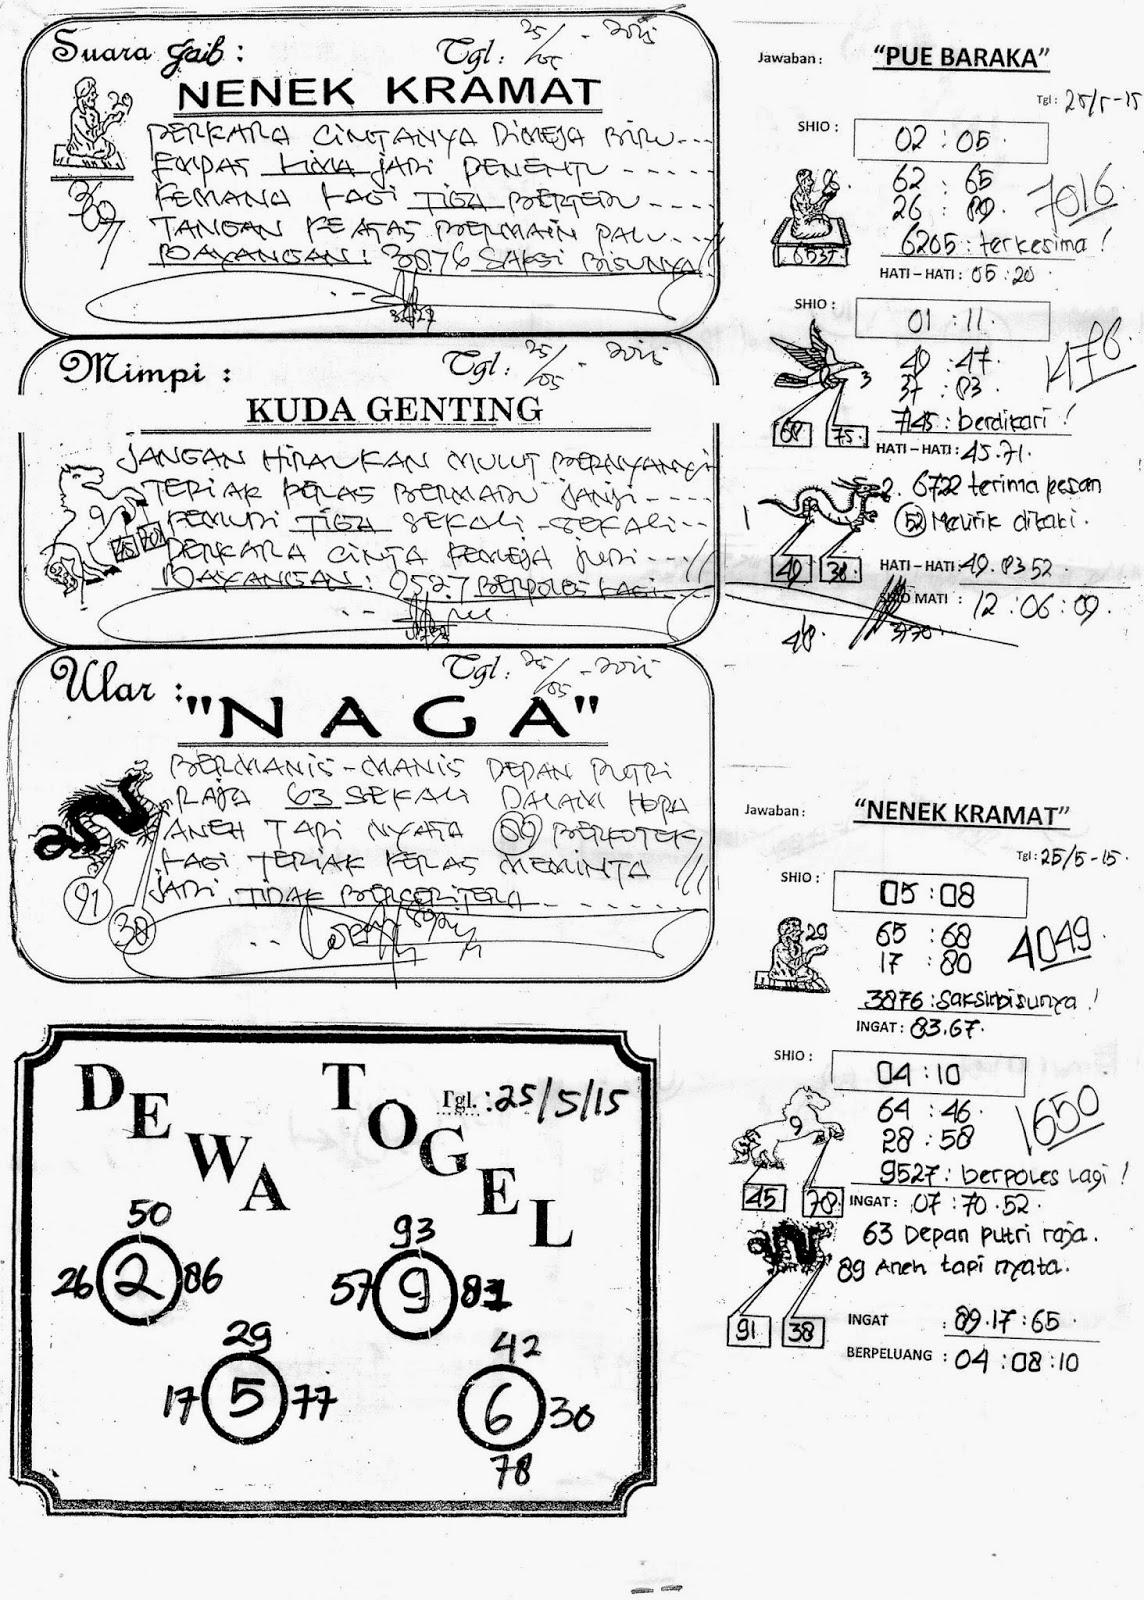 situs togel hongkong yang asli